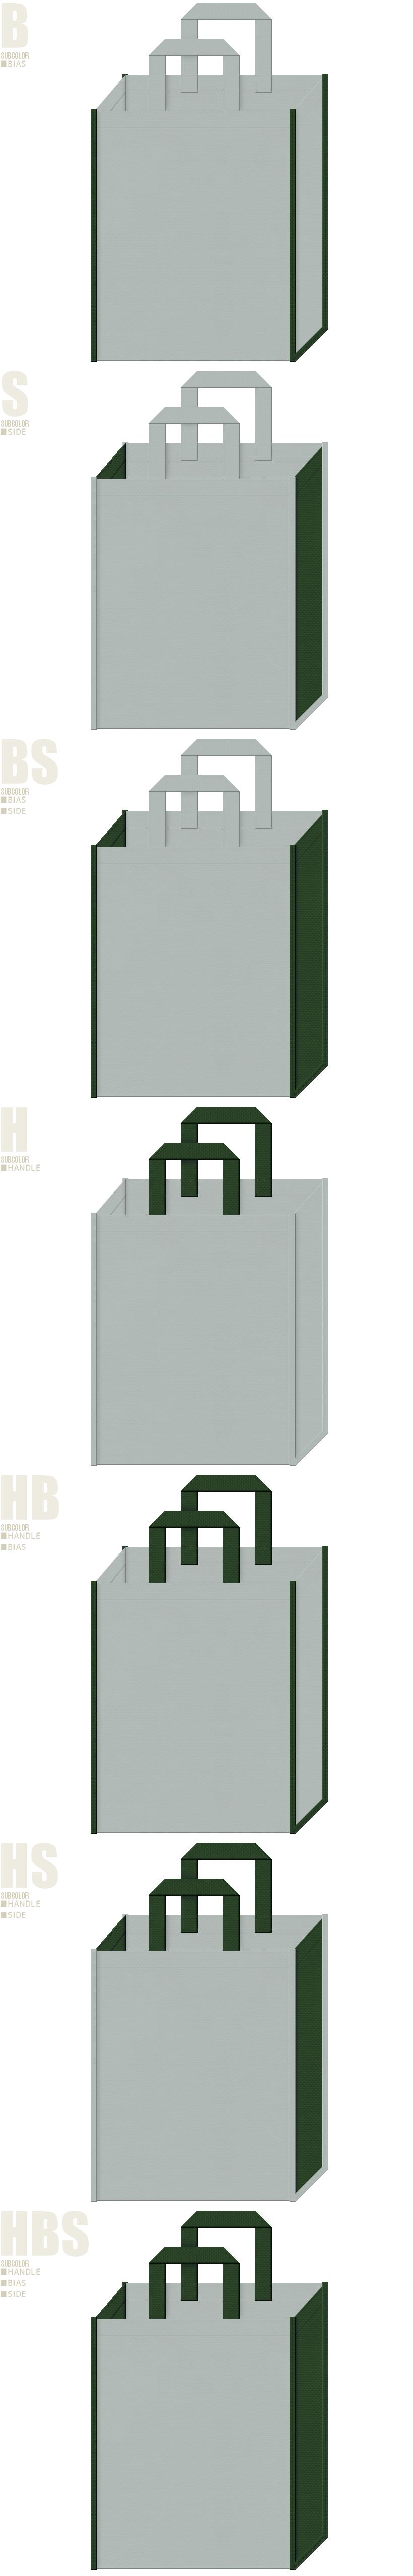 グレー色と濃緑色-7パターンの不織布トートバッグ配色デザイン例:屋上緑化・壁面緑化システムの展示会用バッグにお奨めです。